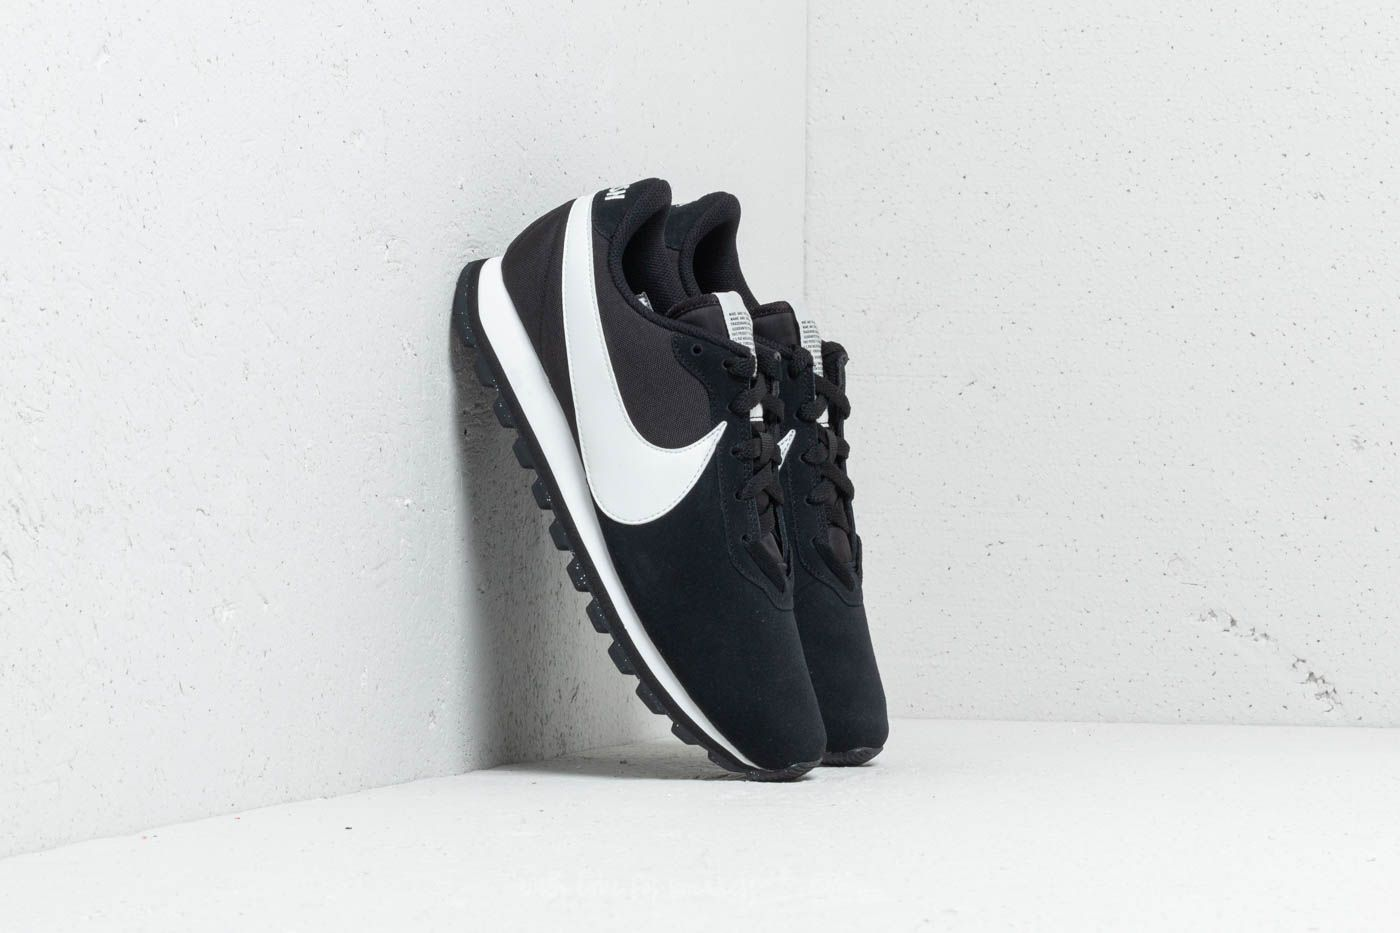 Nike W Pre Love O.X. schwarz  Summit Weiß   Footshop Reichhaltige pünktliche Lieferung